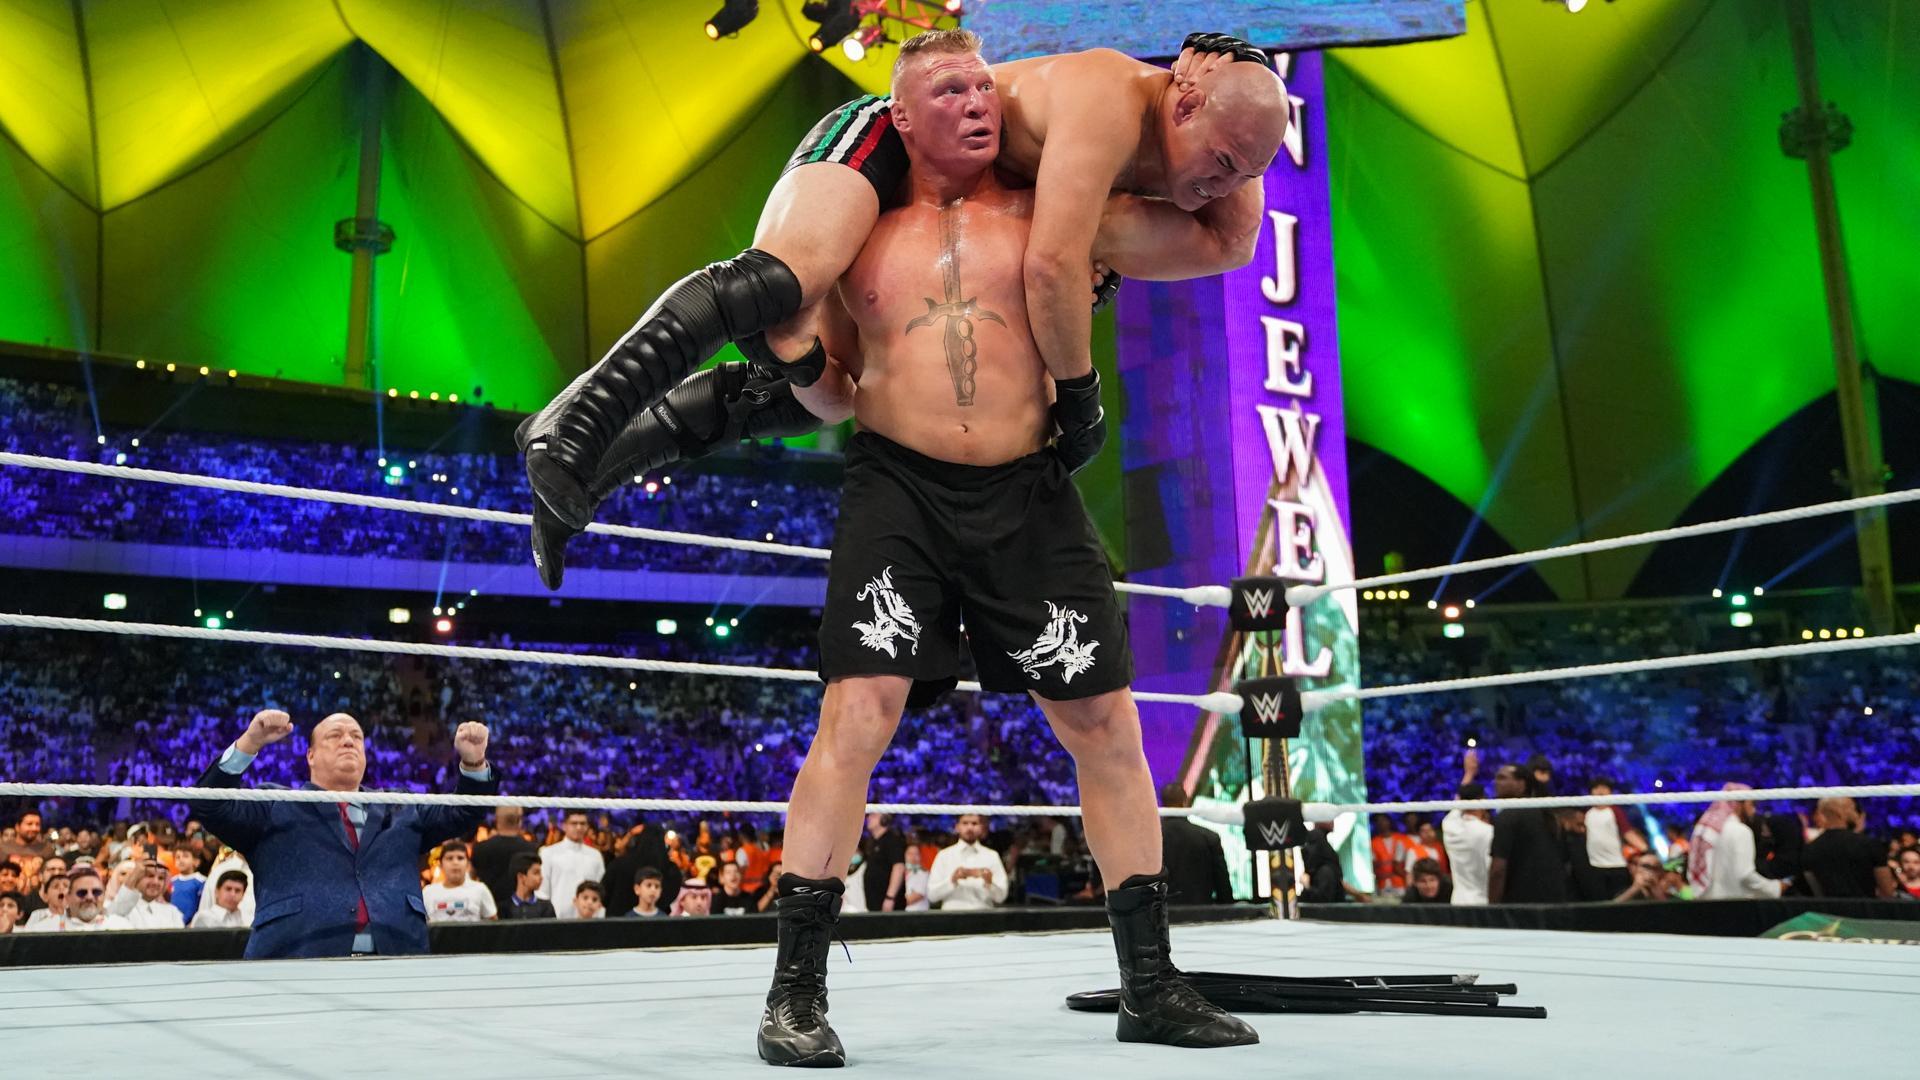 Brock Lesnar destroys Cain Velasquez at WWE Crown Jewel - Lesnar